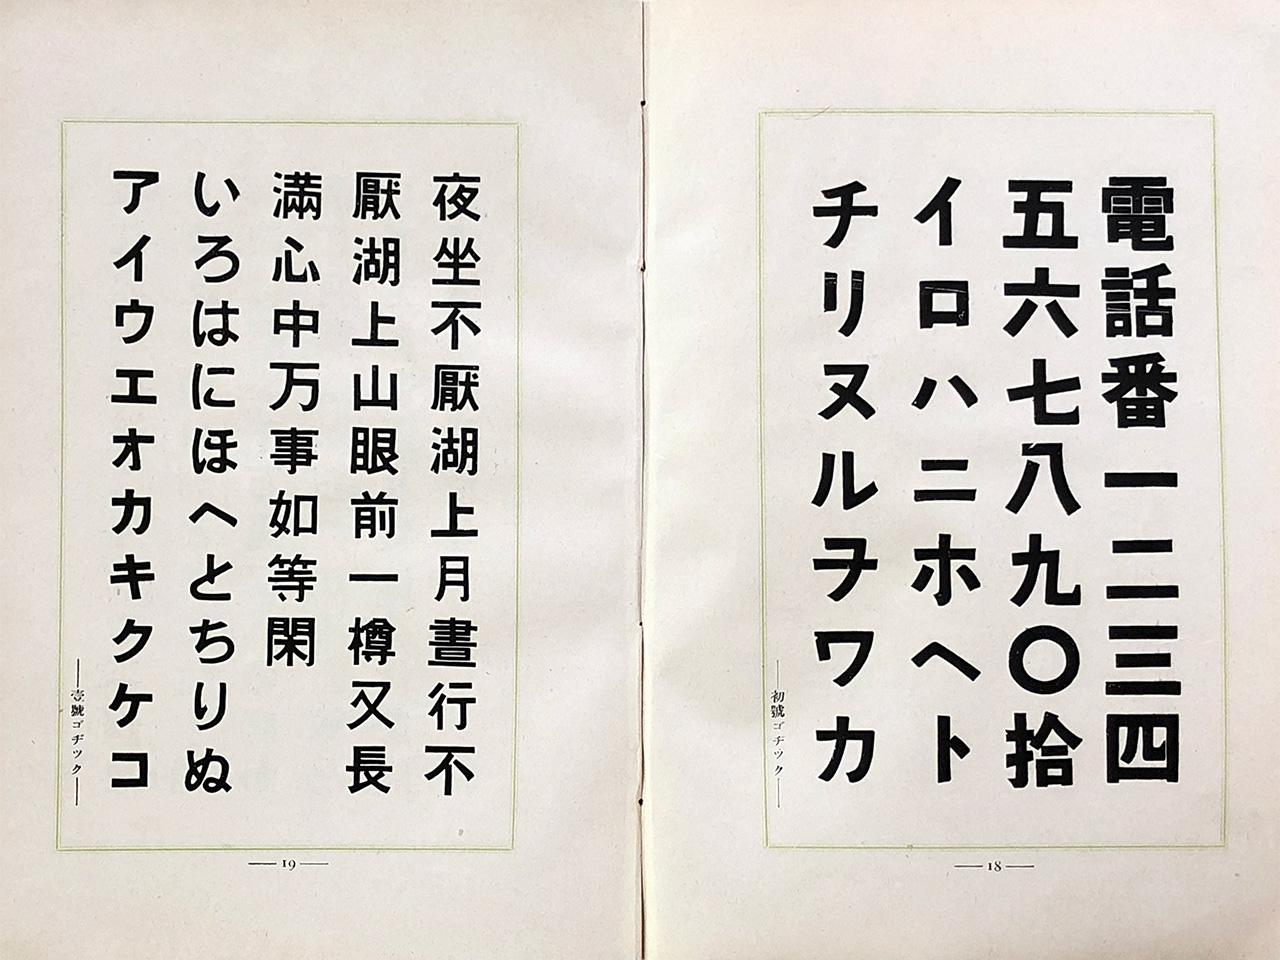 初号・1号ゴヂック 活字見本帳画像